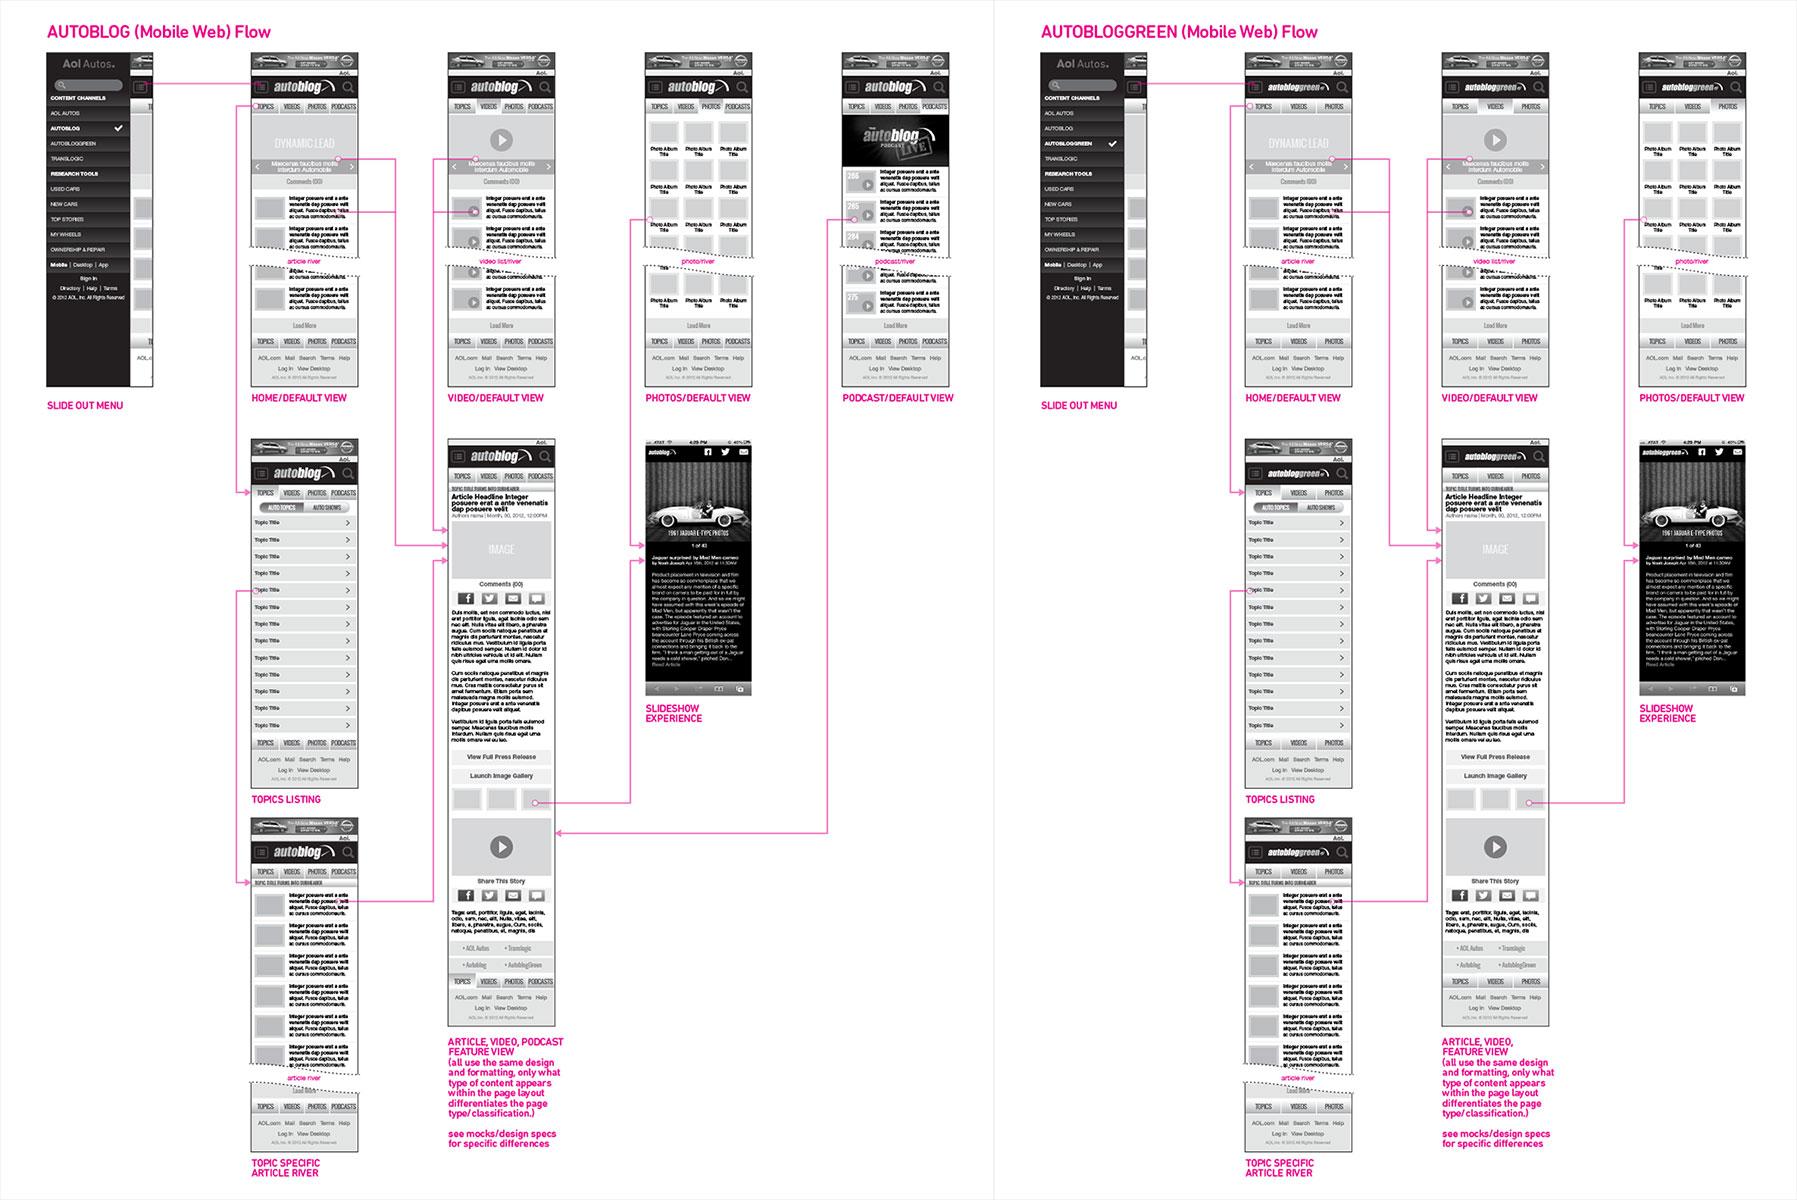 AOLAutos_B_Content Flow-1.jpg